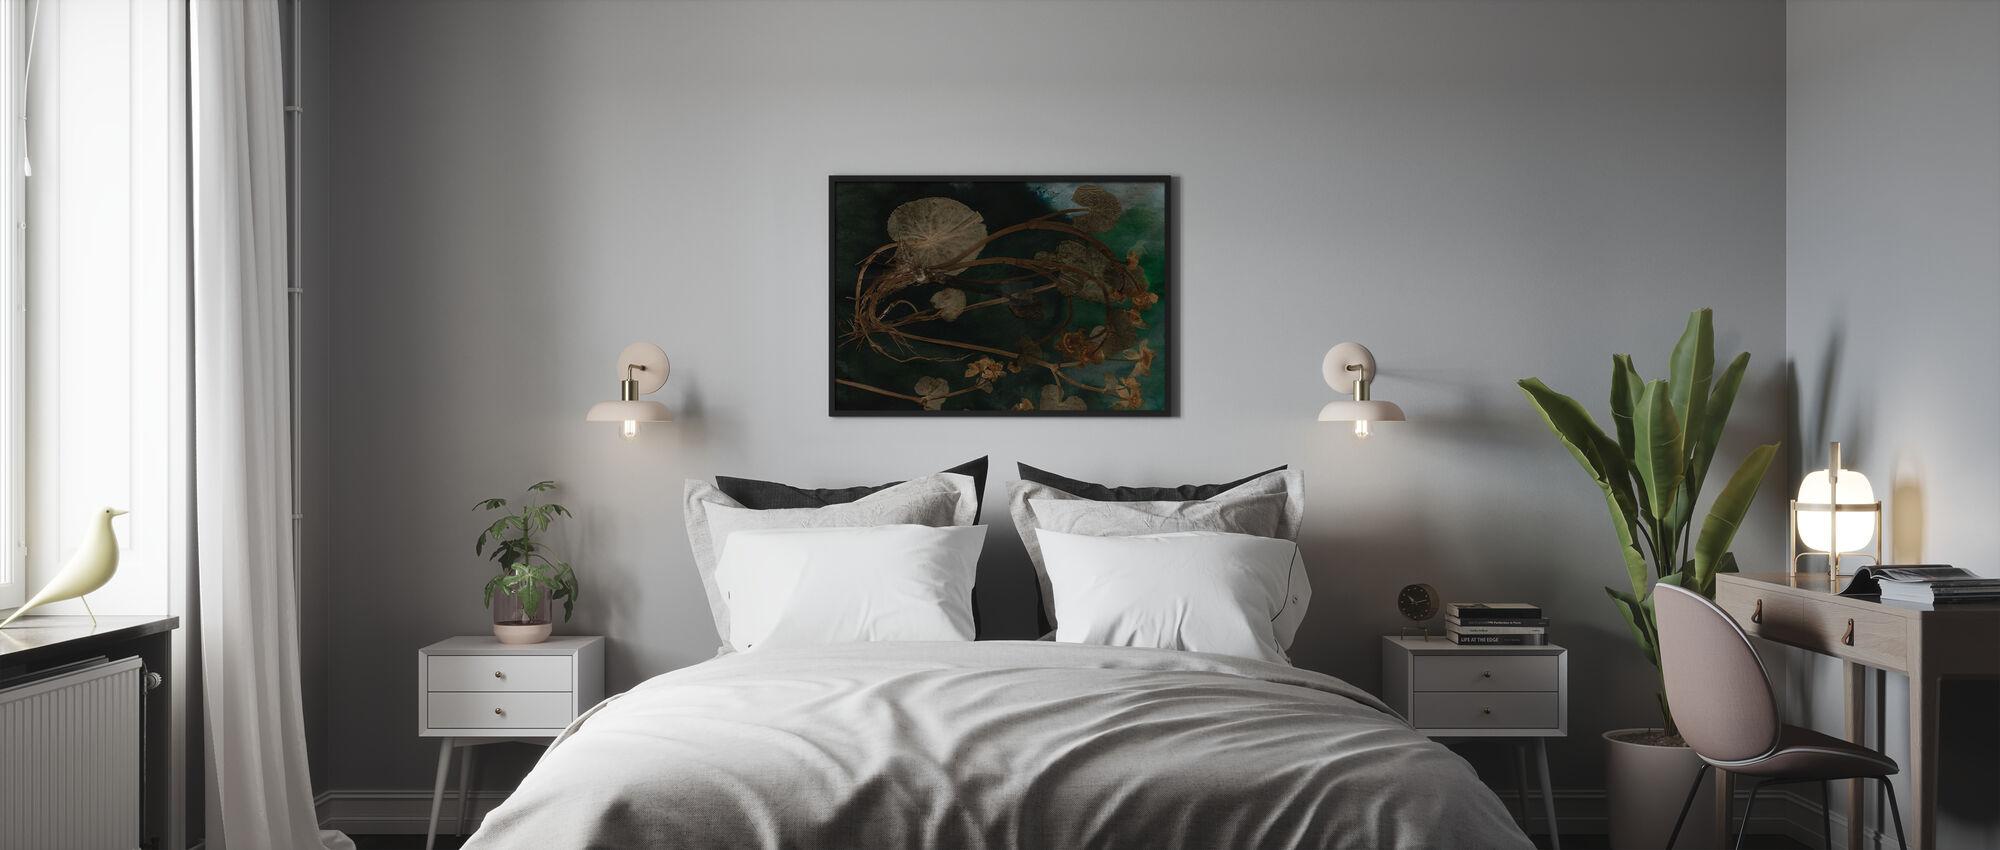 Marigold Ringelblume - Gerahmtes bild - Schlafzimmer